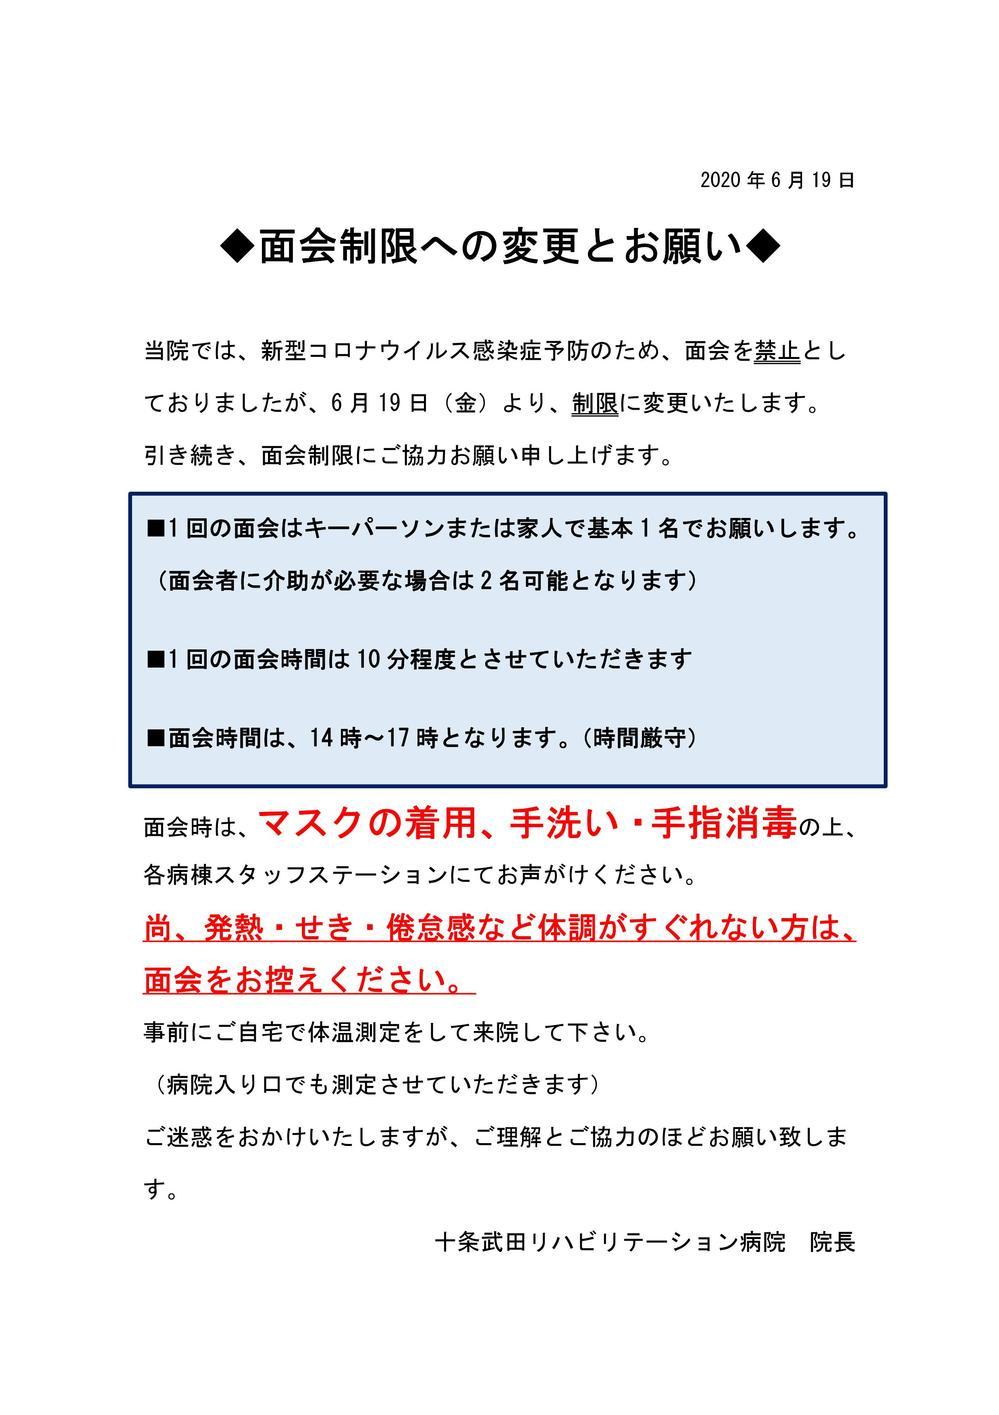 面会制限への変更とお願い(ホームページ).jpg